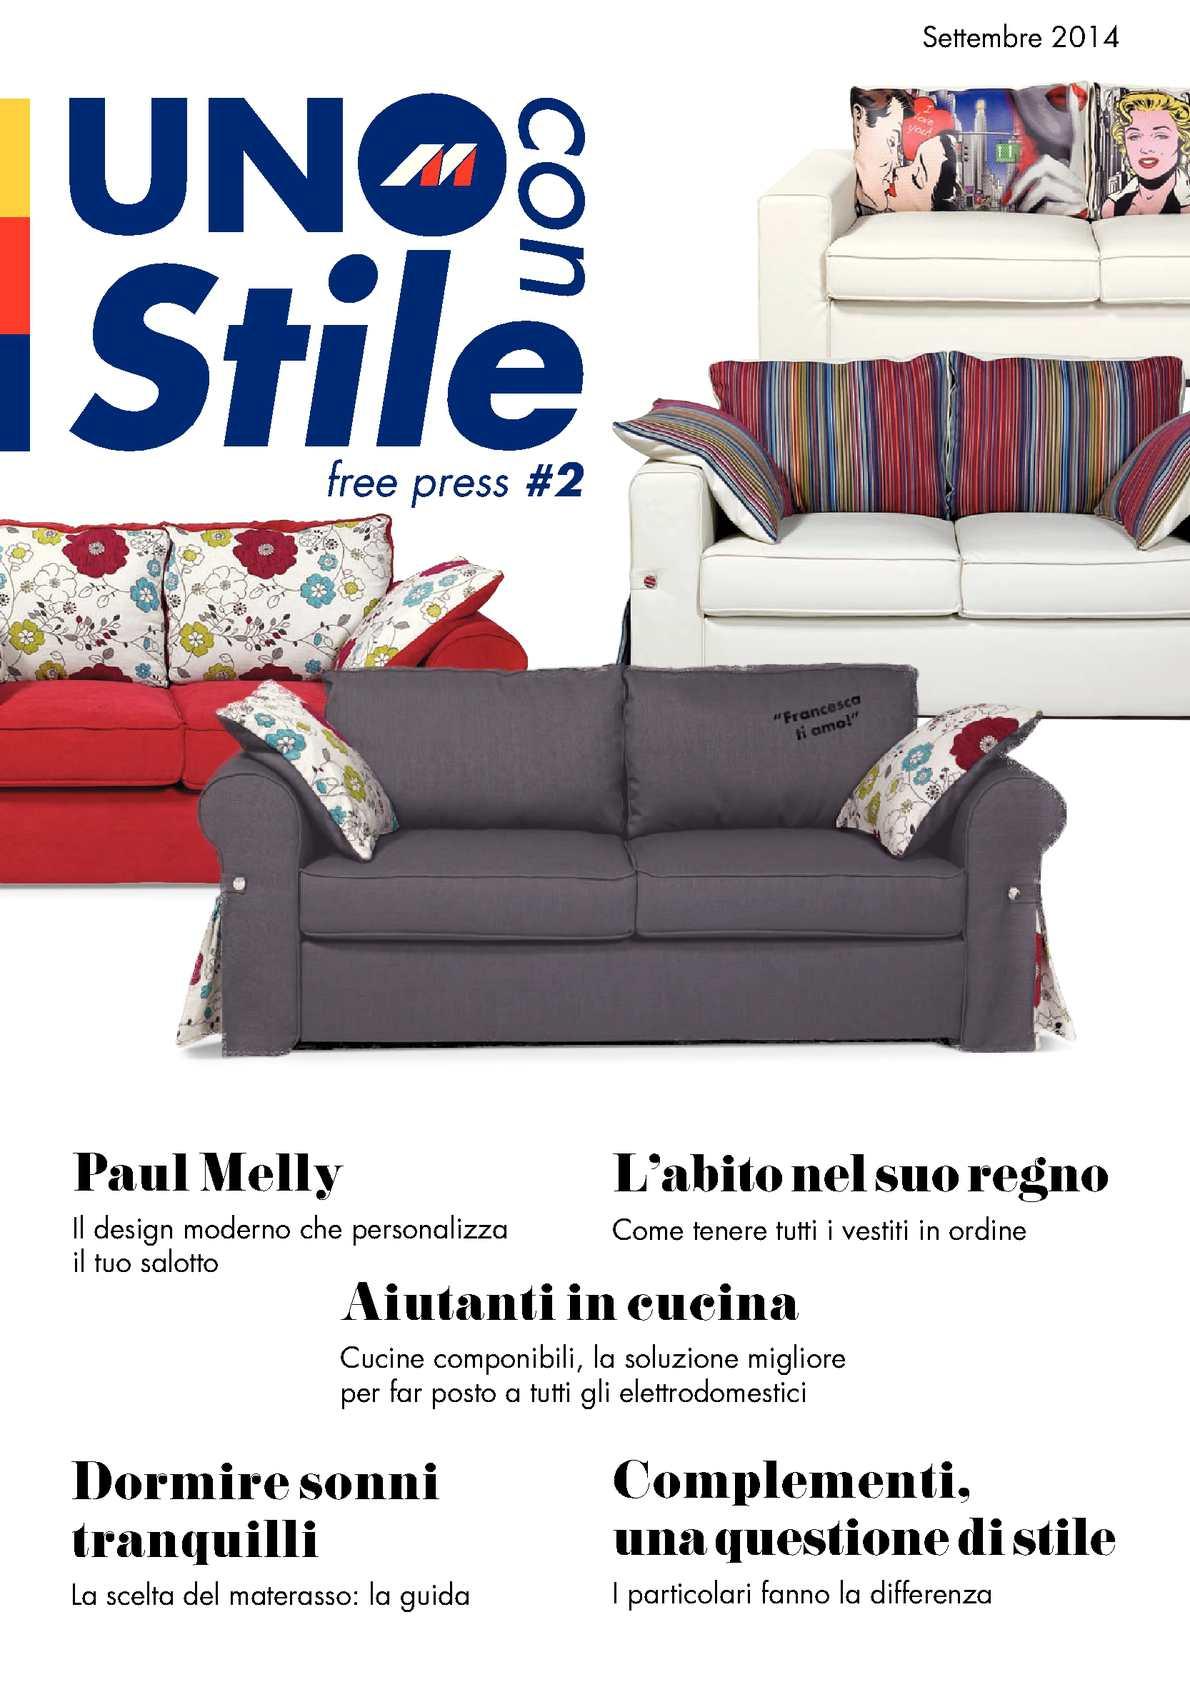 Calaméo - Magazine Mercatone Uno settembre